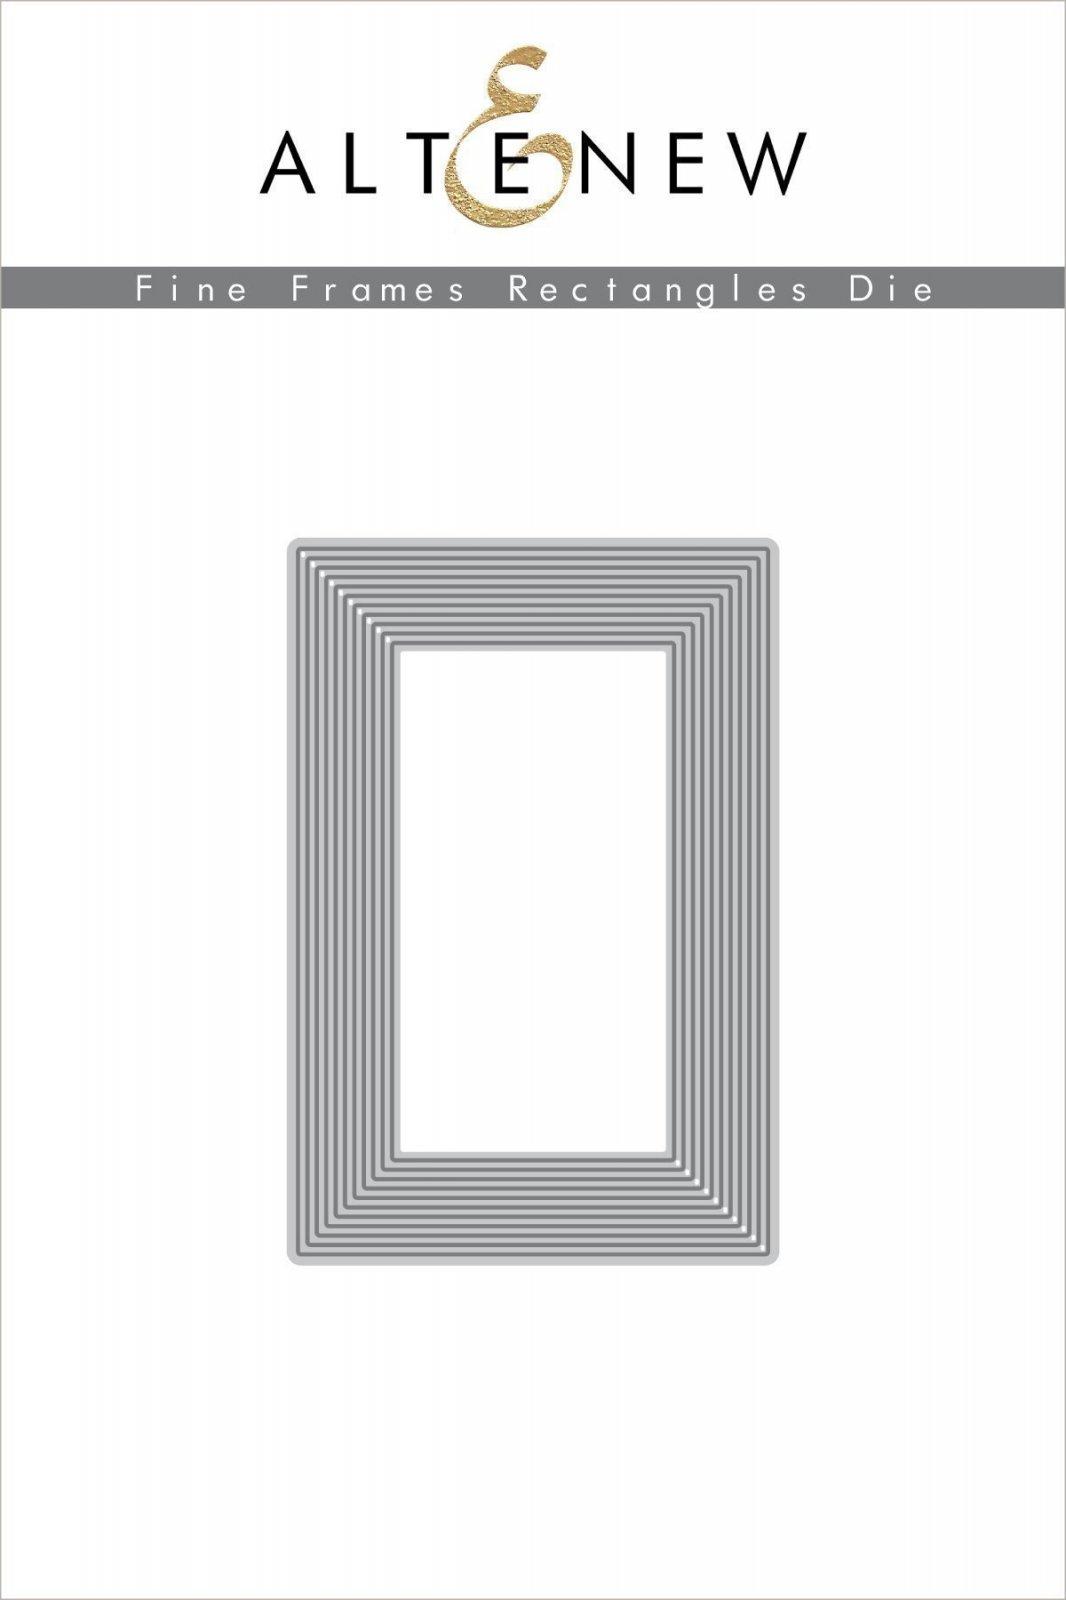 FINE FRAMES RECTANGLES